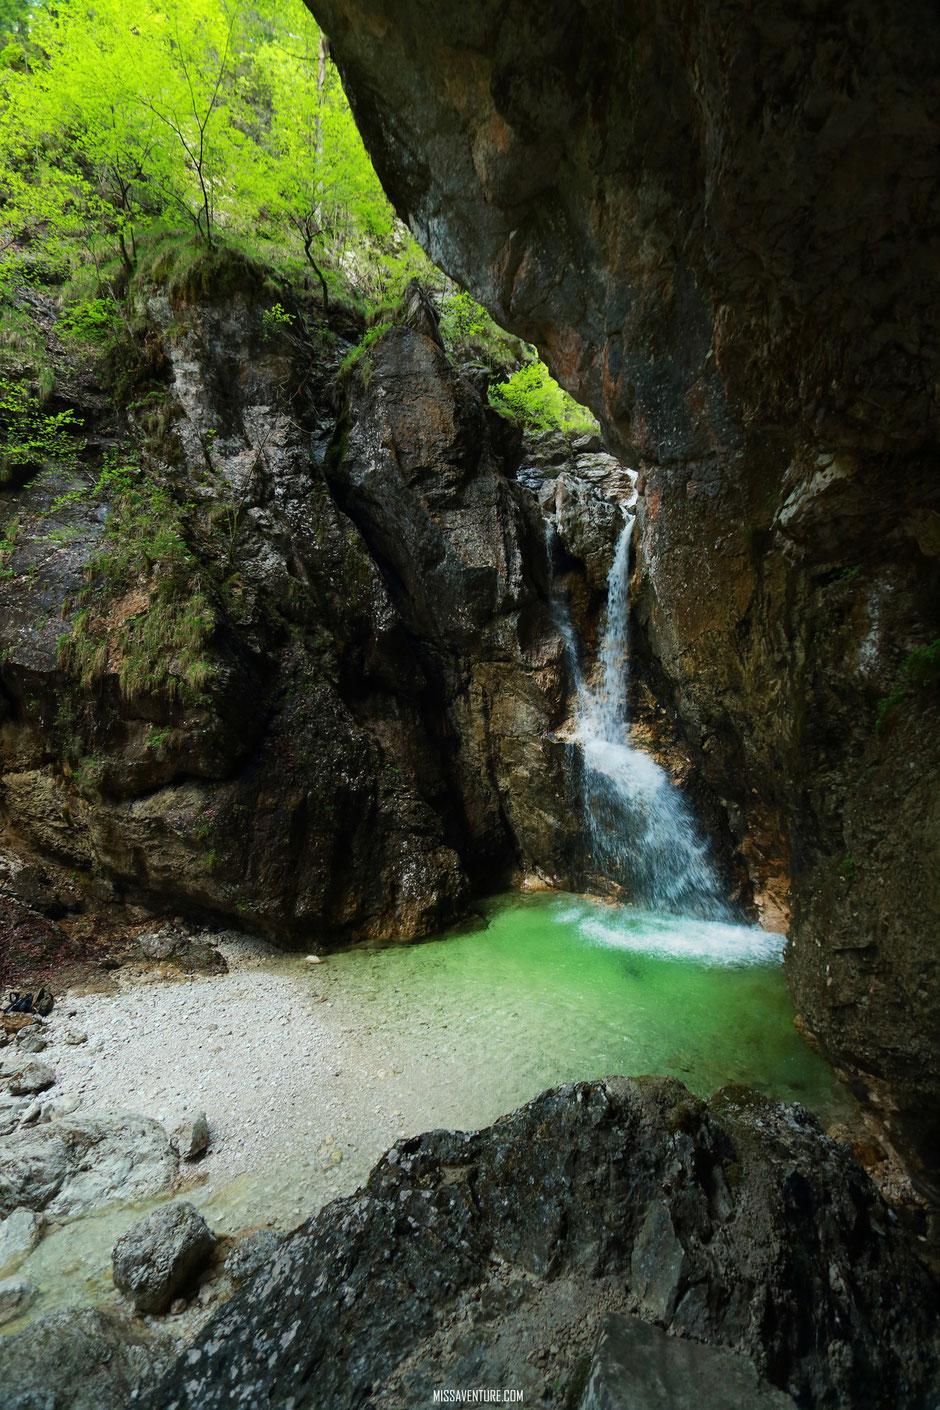 Les gorges de la Fratarica, slap Katedrala. ROAD TRIP SLOVÉNIE. www.missaventure.com blog voyage d'aventures, nature et photos